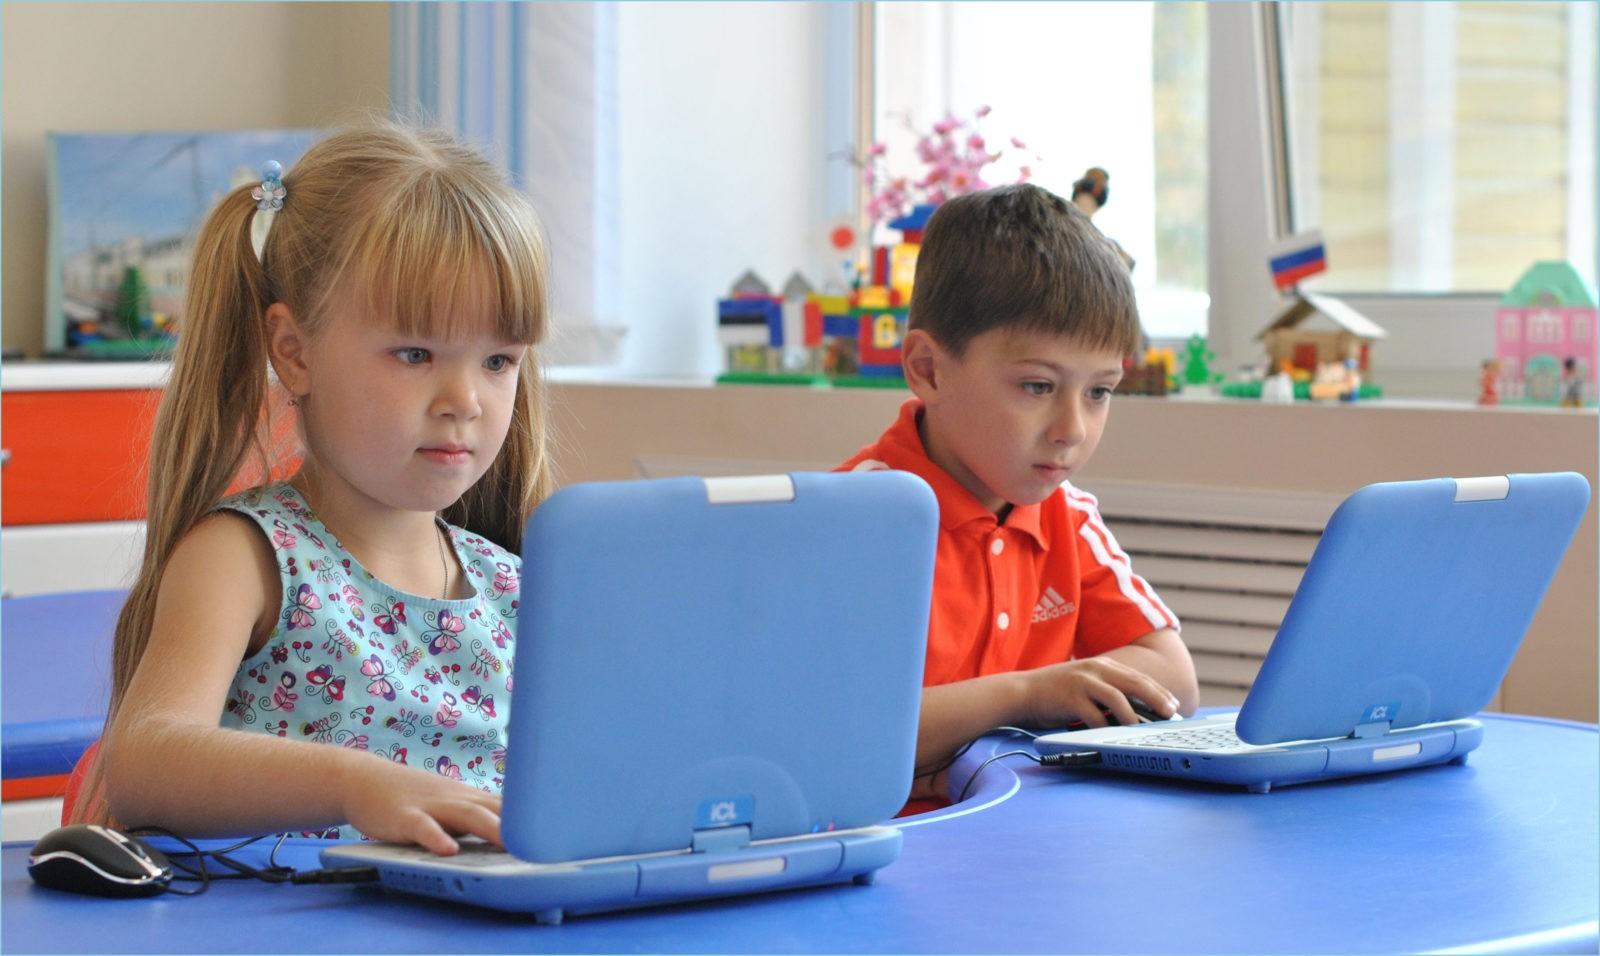 Фото с детьми за ноутбуками